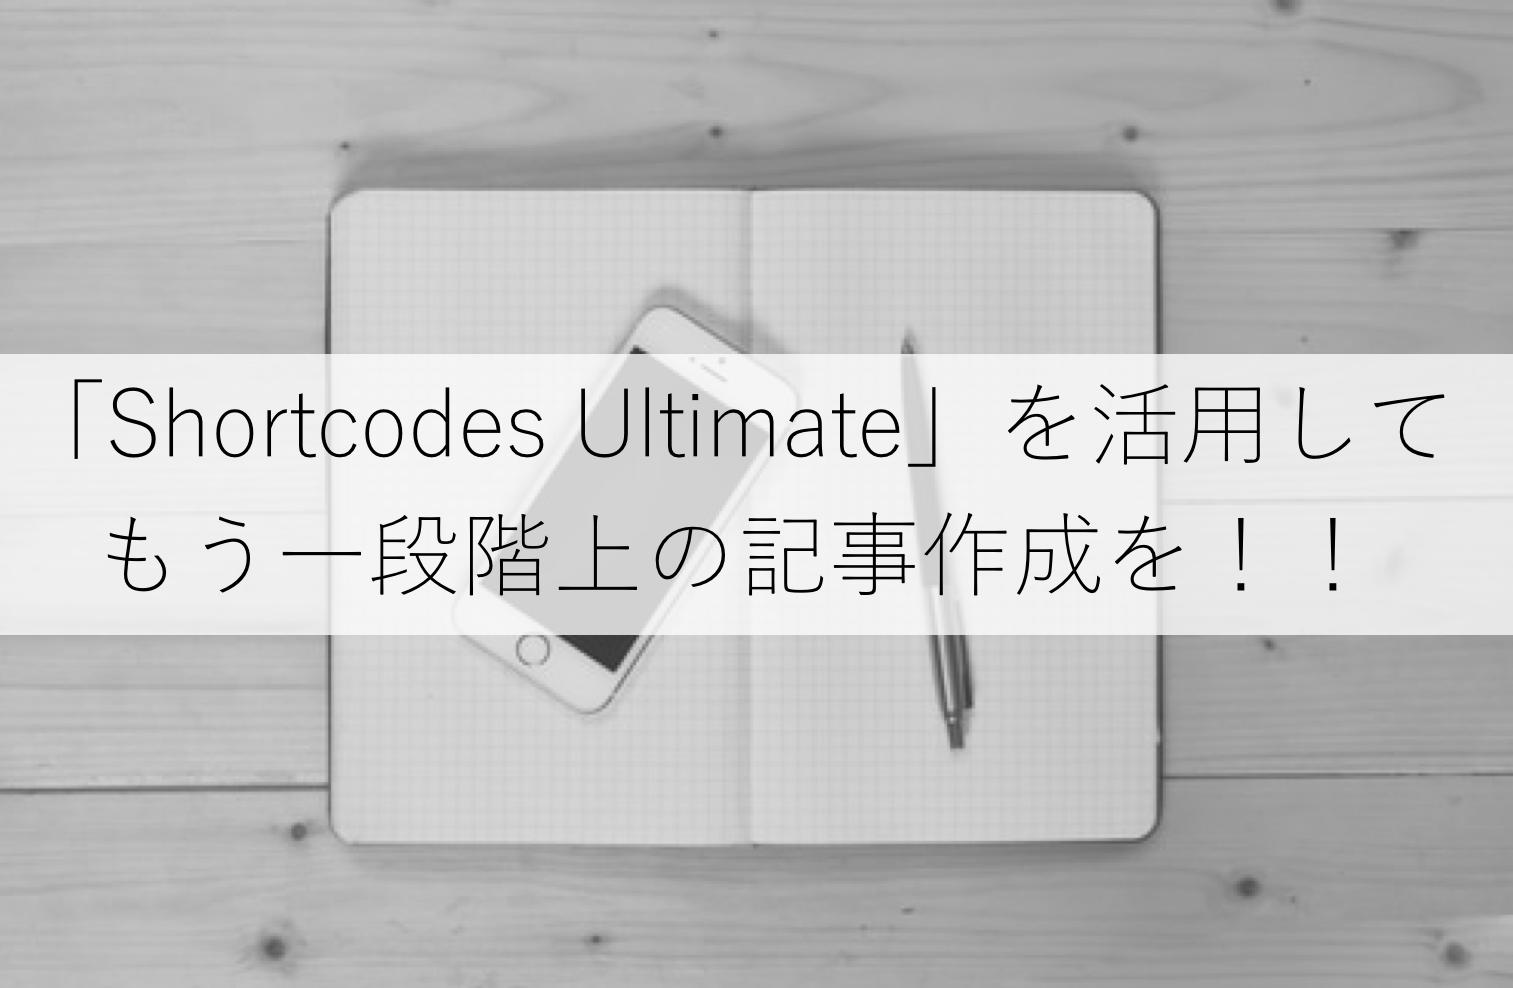 記事装飾に便利なWordPressプラグインShortcodes Ultimateの使い方を紹介!これでサイトのクオリティーが120%上がる!